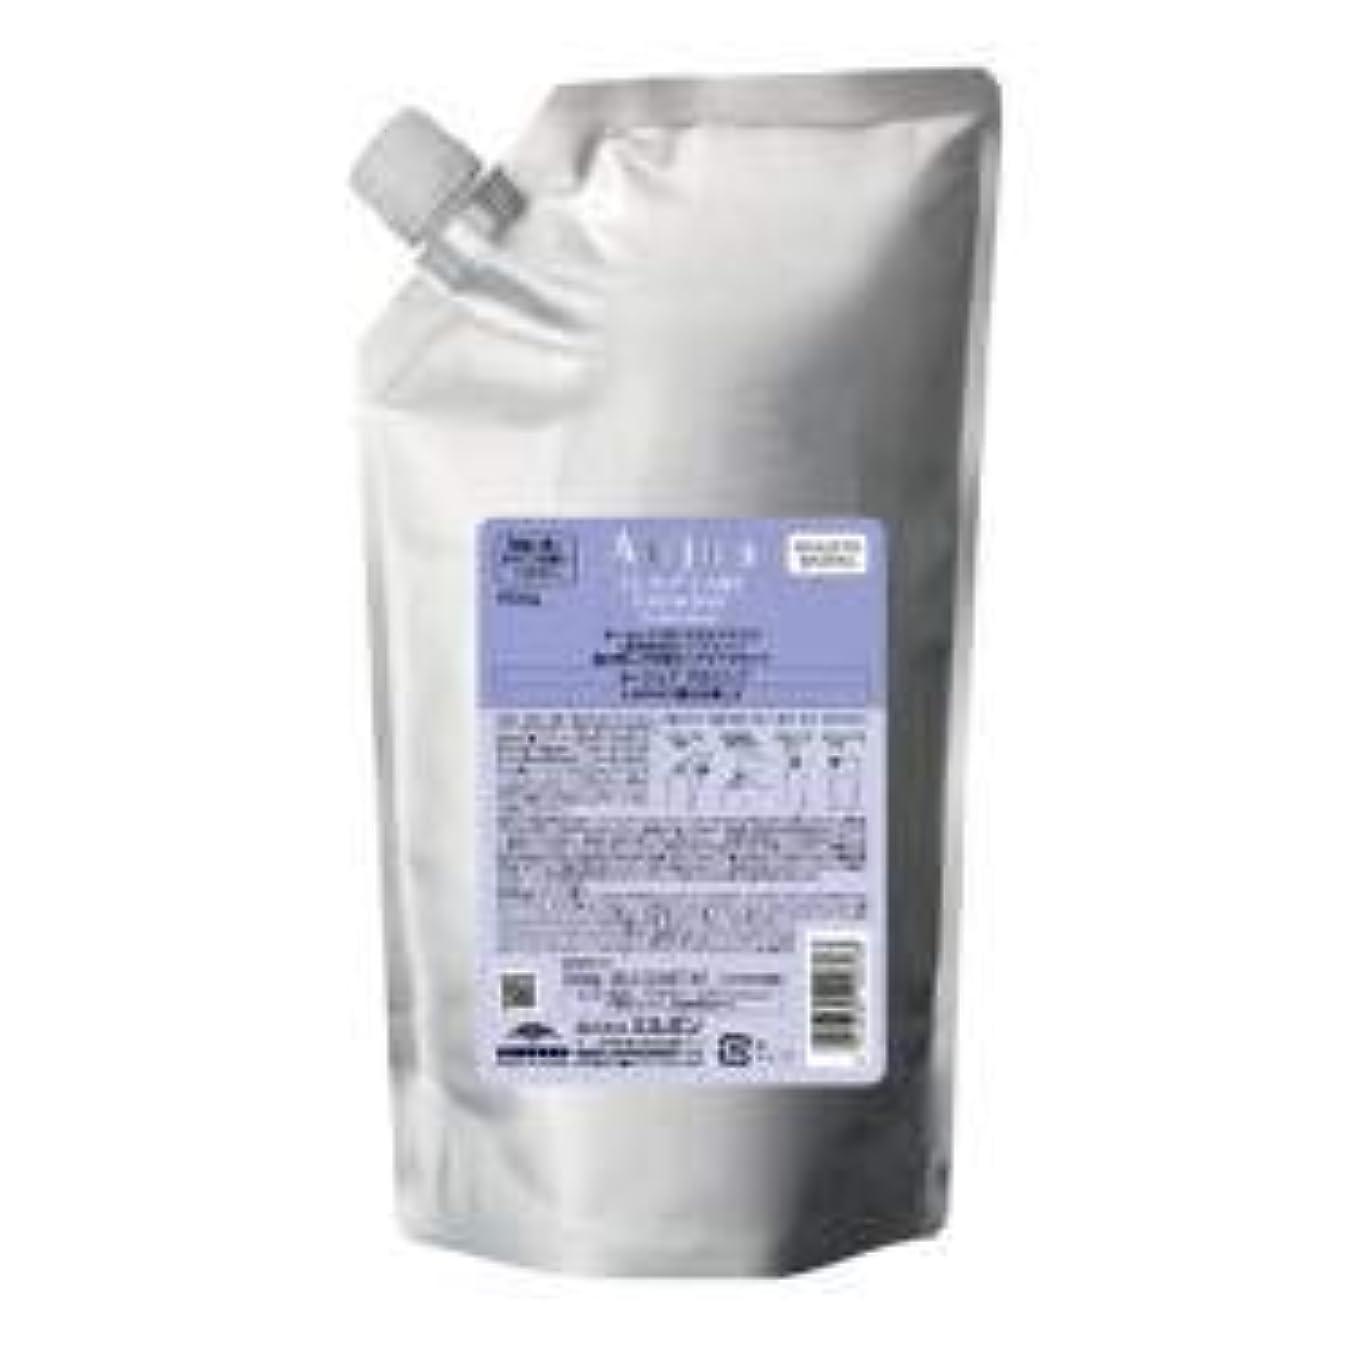 有彩色のベイビー成人期オージュア GR グロウシブ スカルプマスク(医薬部外品)(1kg)